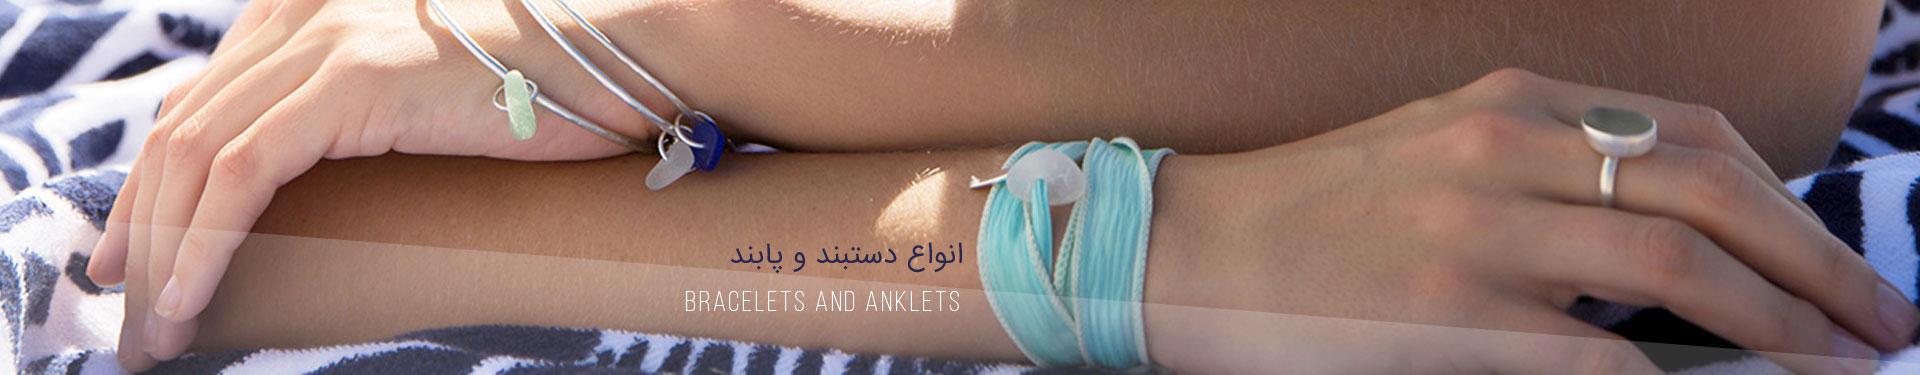 دستبند و پابند